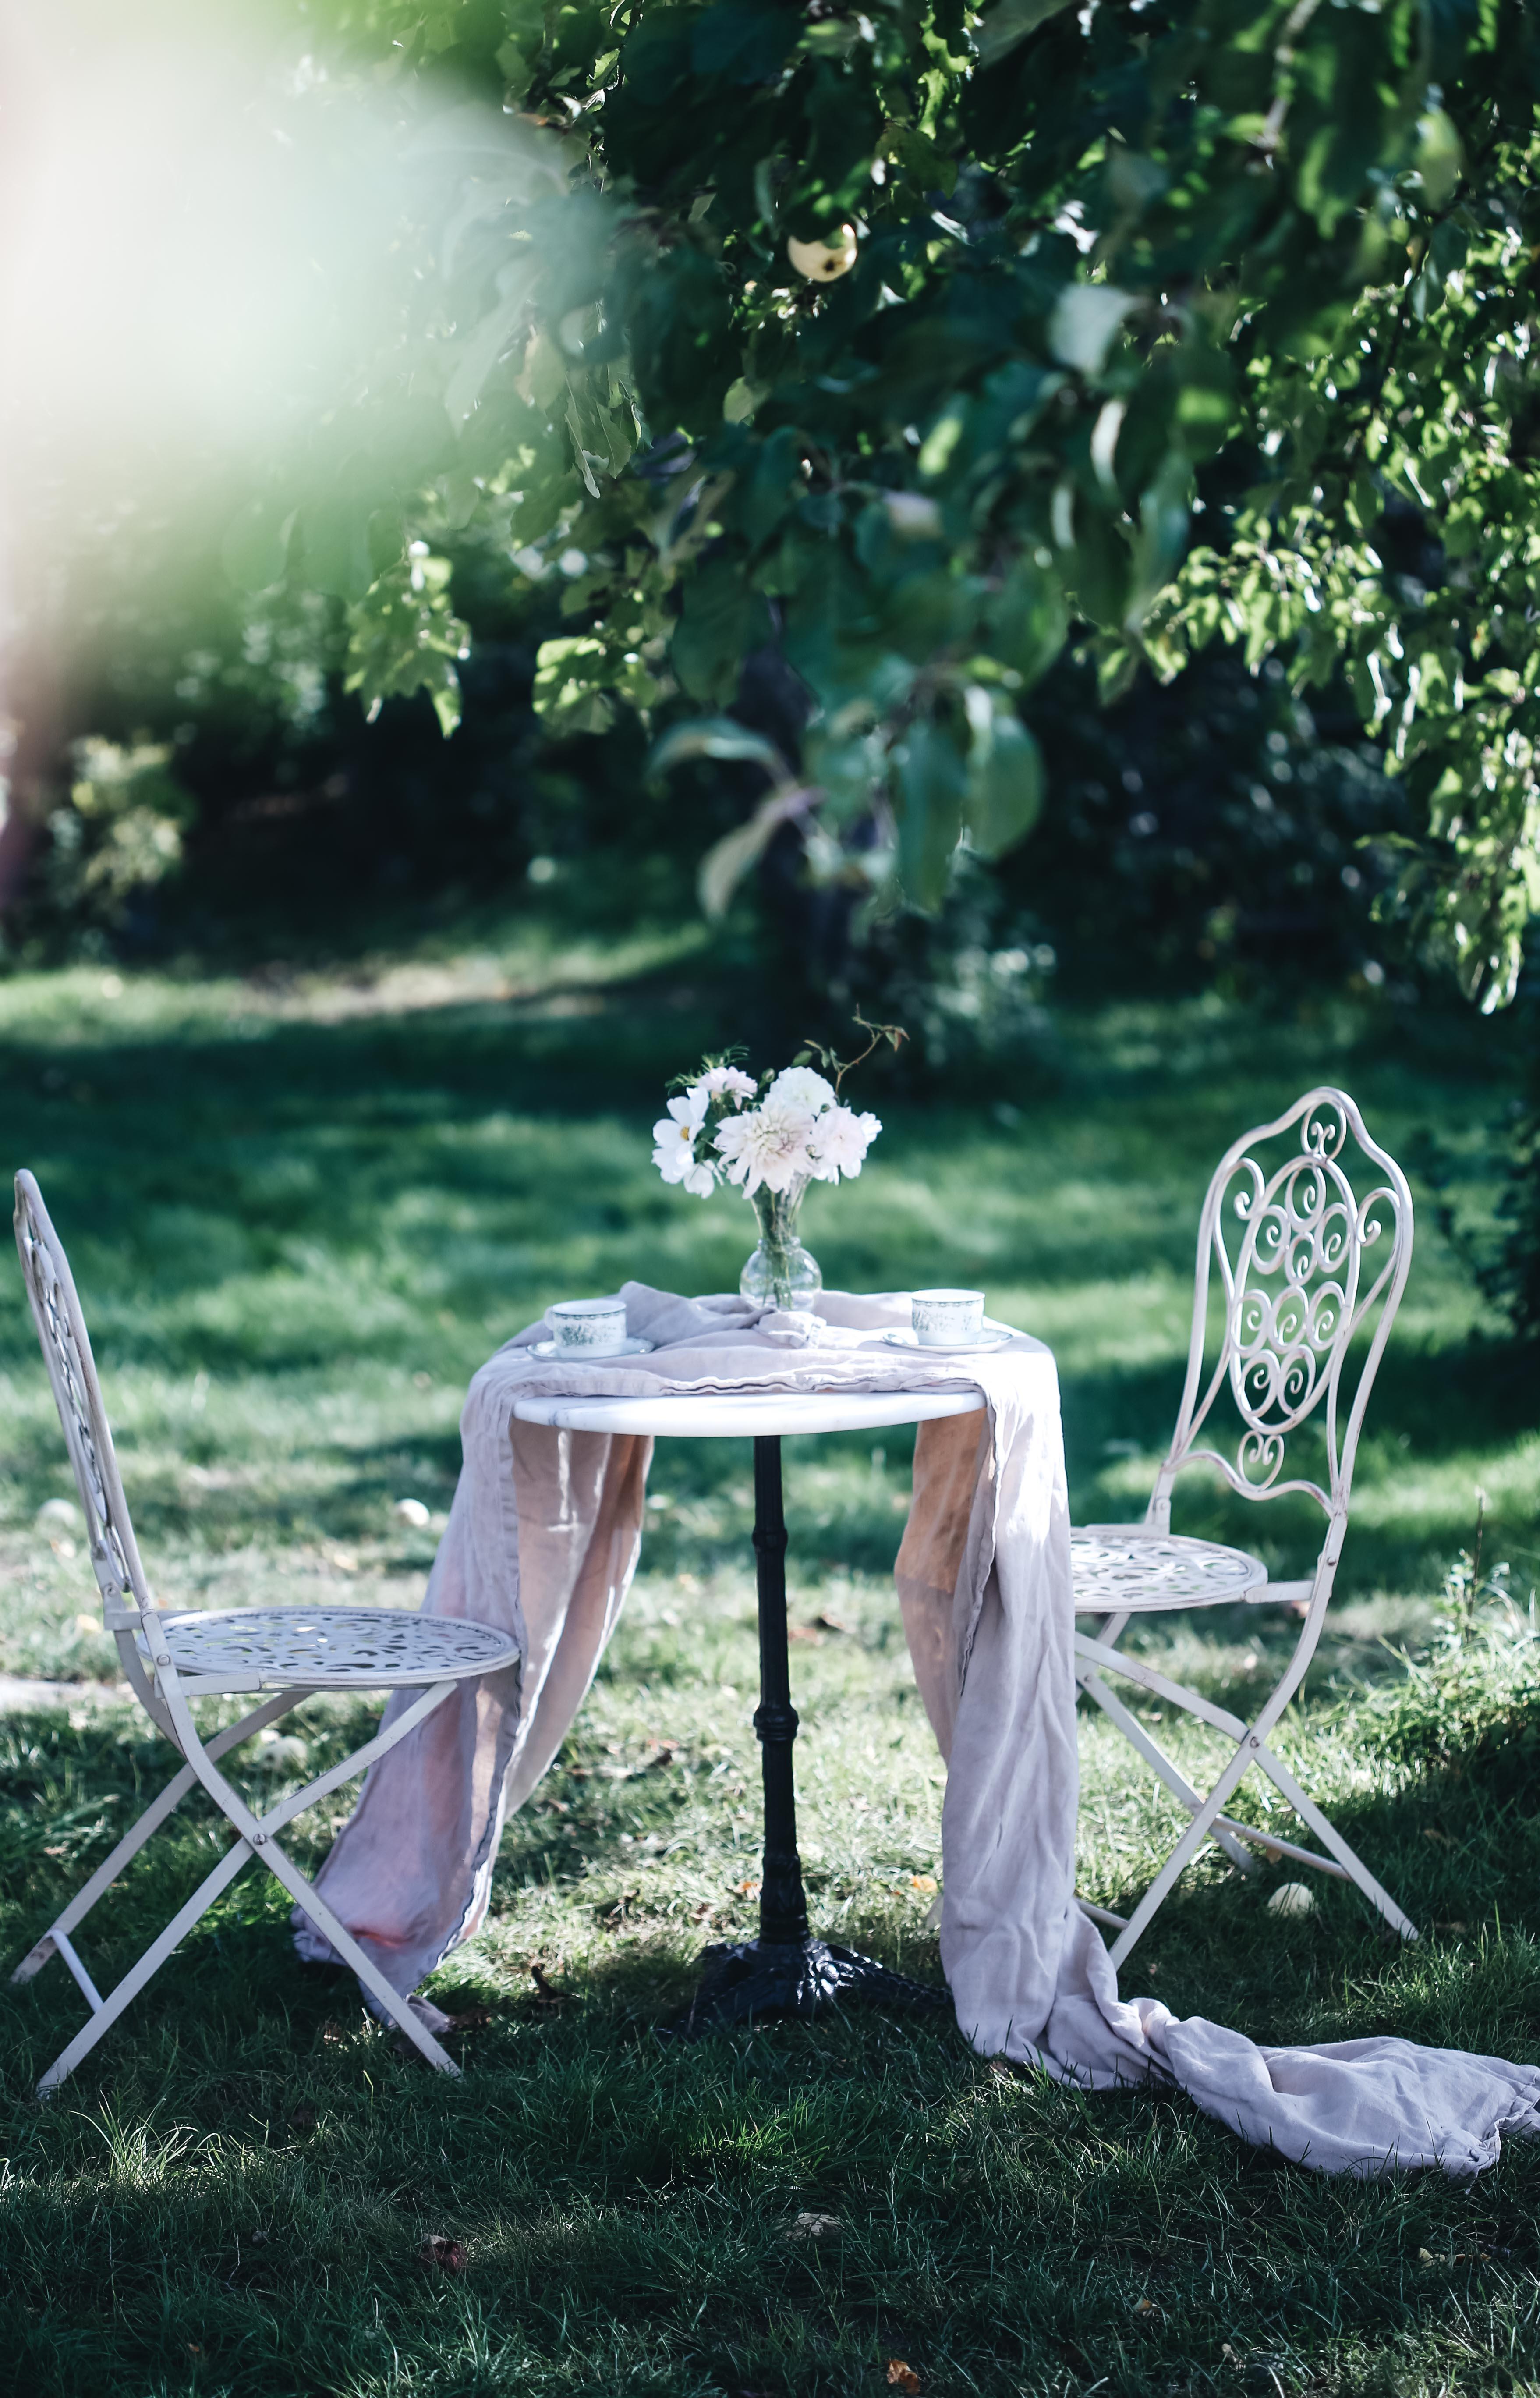 Småblommigt och en kaffe i trädgården